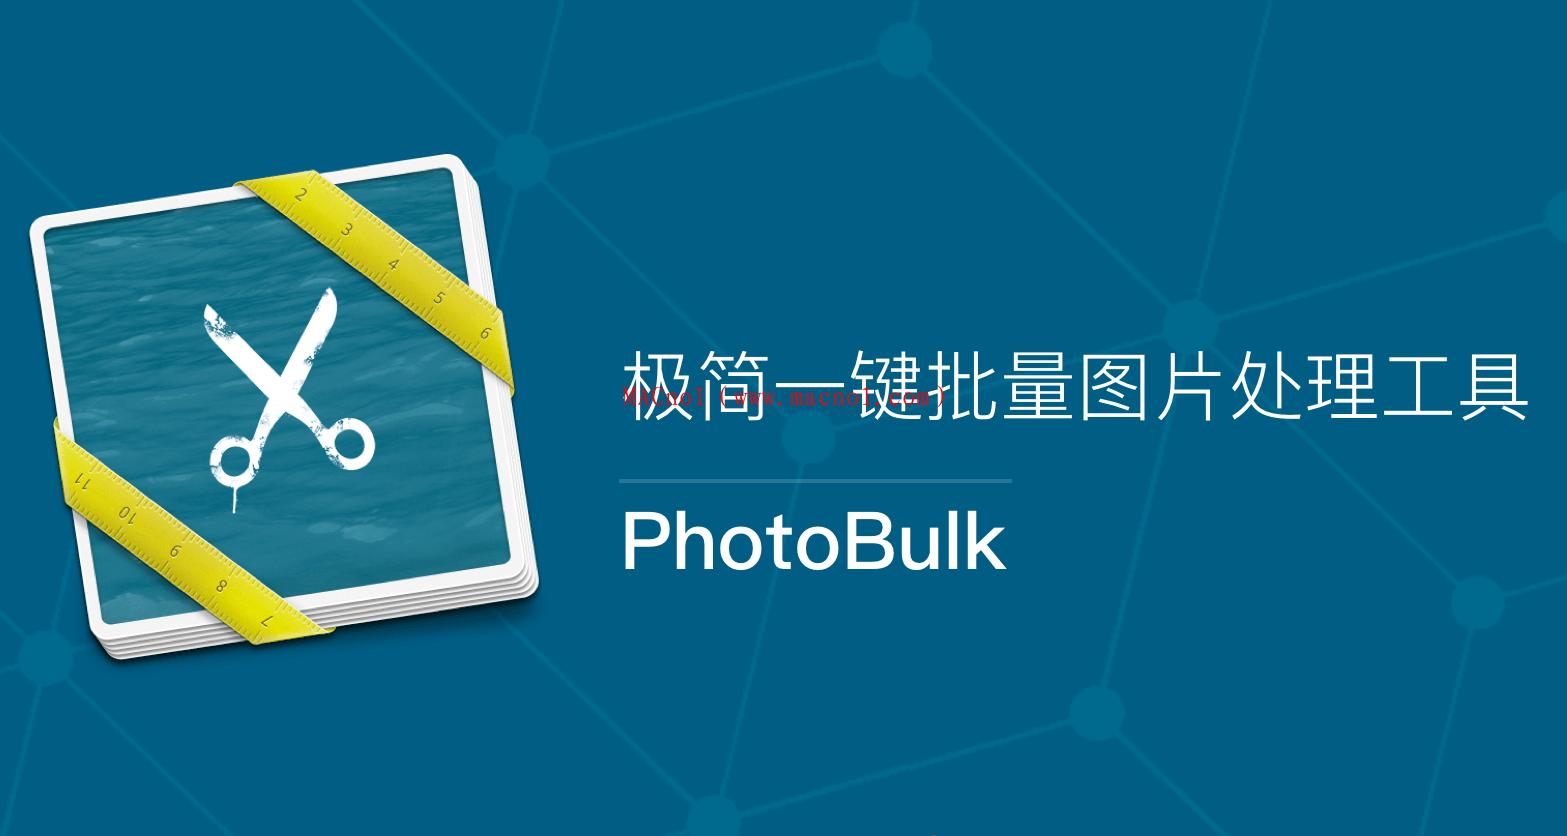 PhotoBulk(图片批量处理软件)for Mac v2.3.0 破解版 附激活码